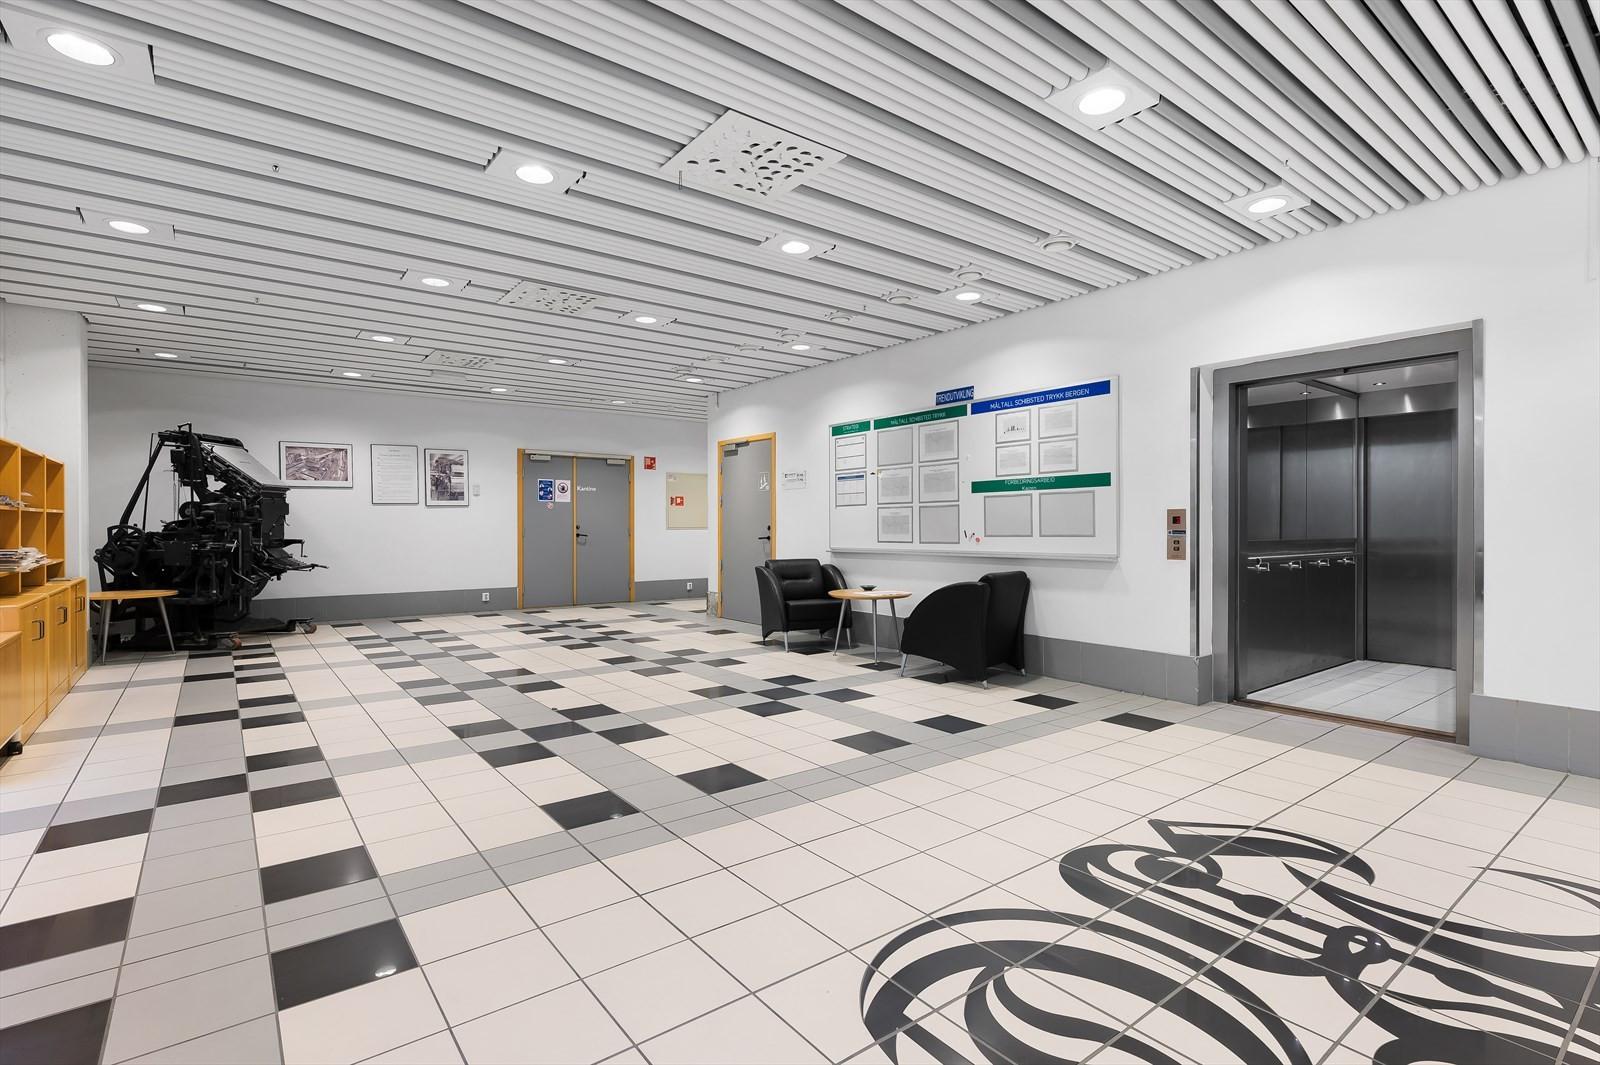 Bygget har pent inngangsparti. Heisadkomst opp til kontorlokalet.